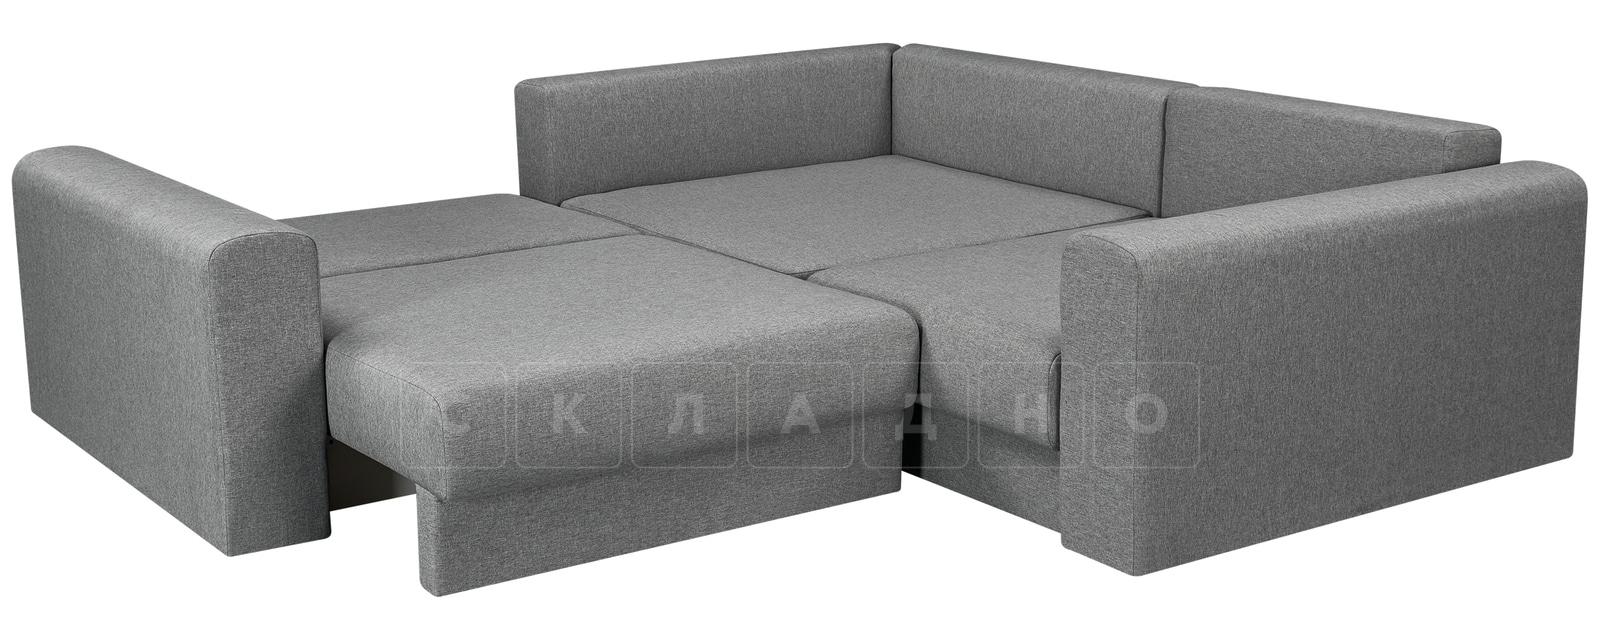 Угловой диван Медисон серый 244х224 см фото 4 | интернет-магазин Складно